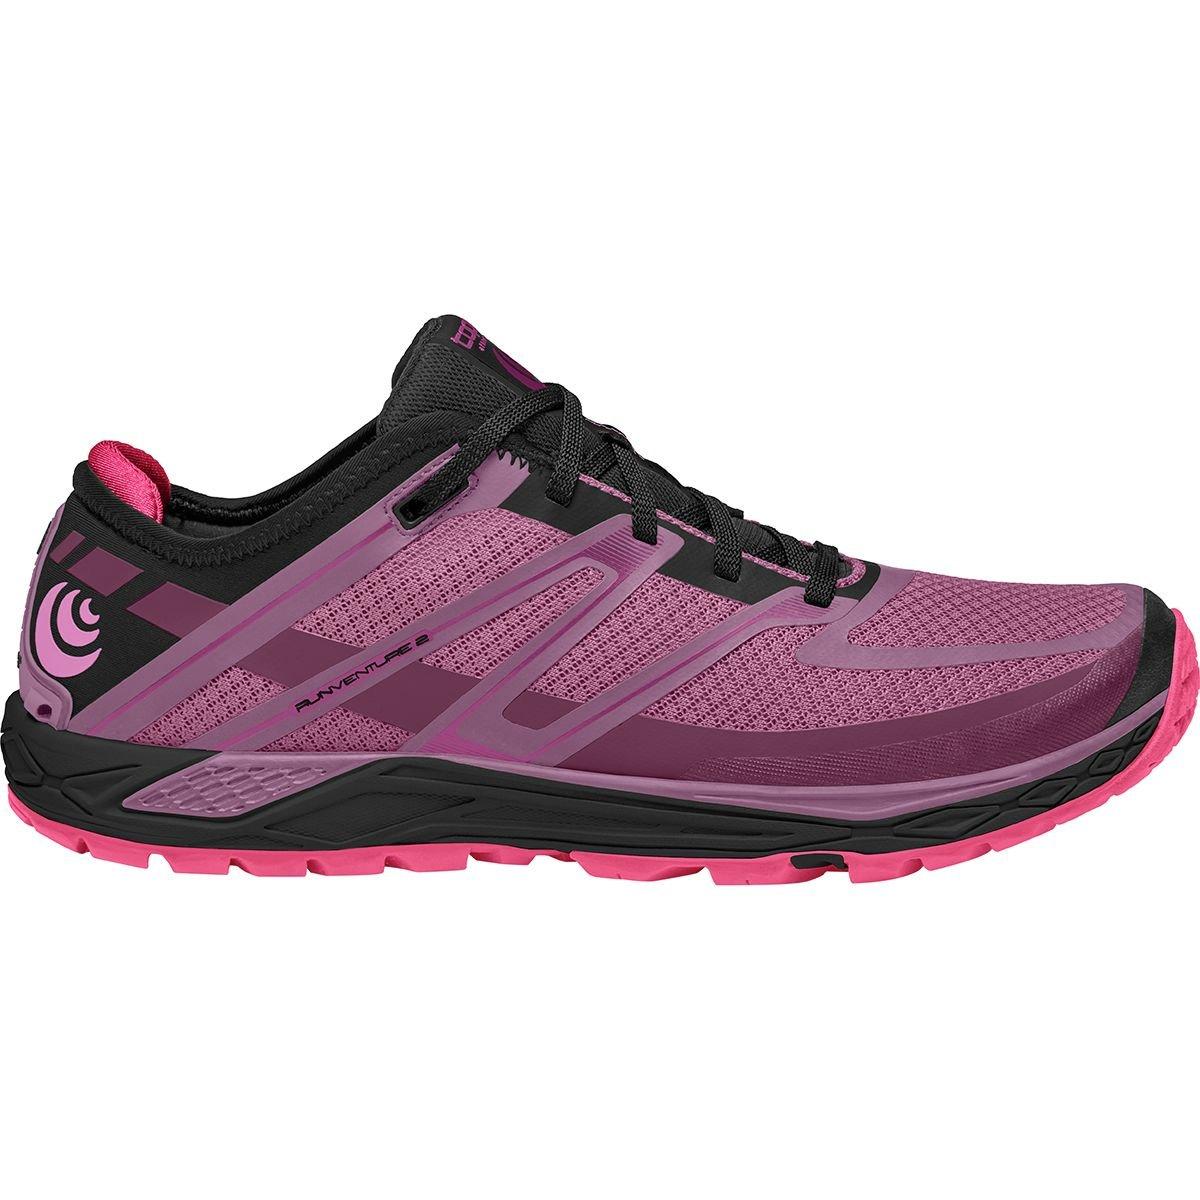 【1着でも送料無料】 [トポアスレチック] レディース B07G3Z86HJ ランニング Runventure 2 [並行輸入品] Trail Running Shoe [並行輸入品] Runventure B07G3Z86HJ 10, ランドセルと文房具 シブヤ文房具:197051a9 --- webdesign-grevesmuehlen.de